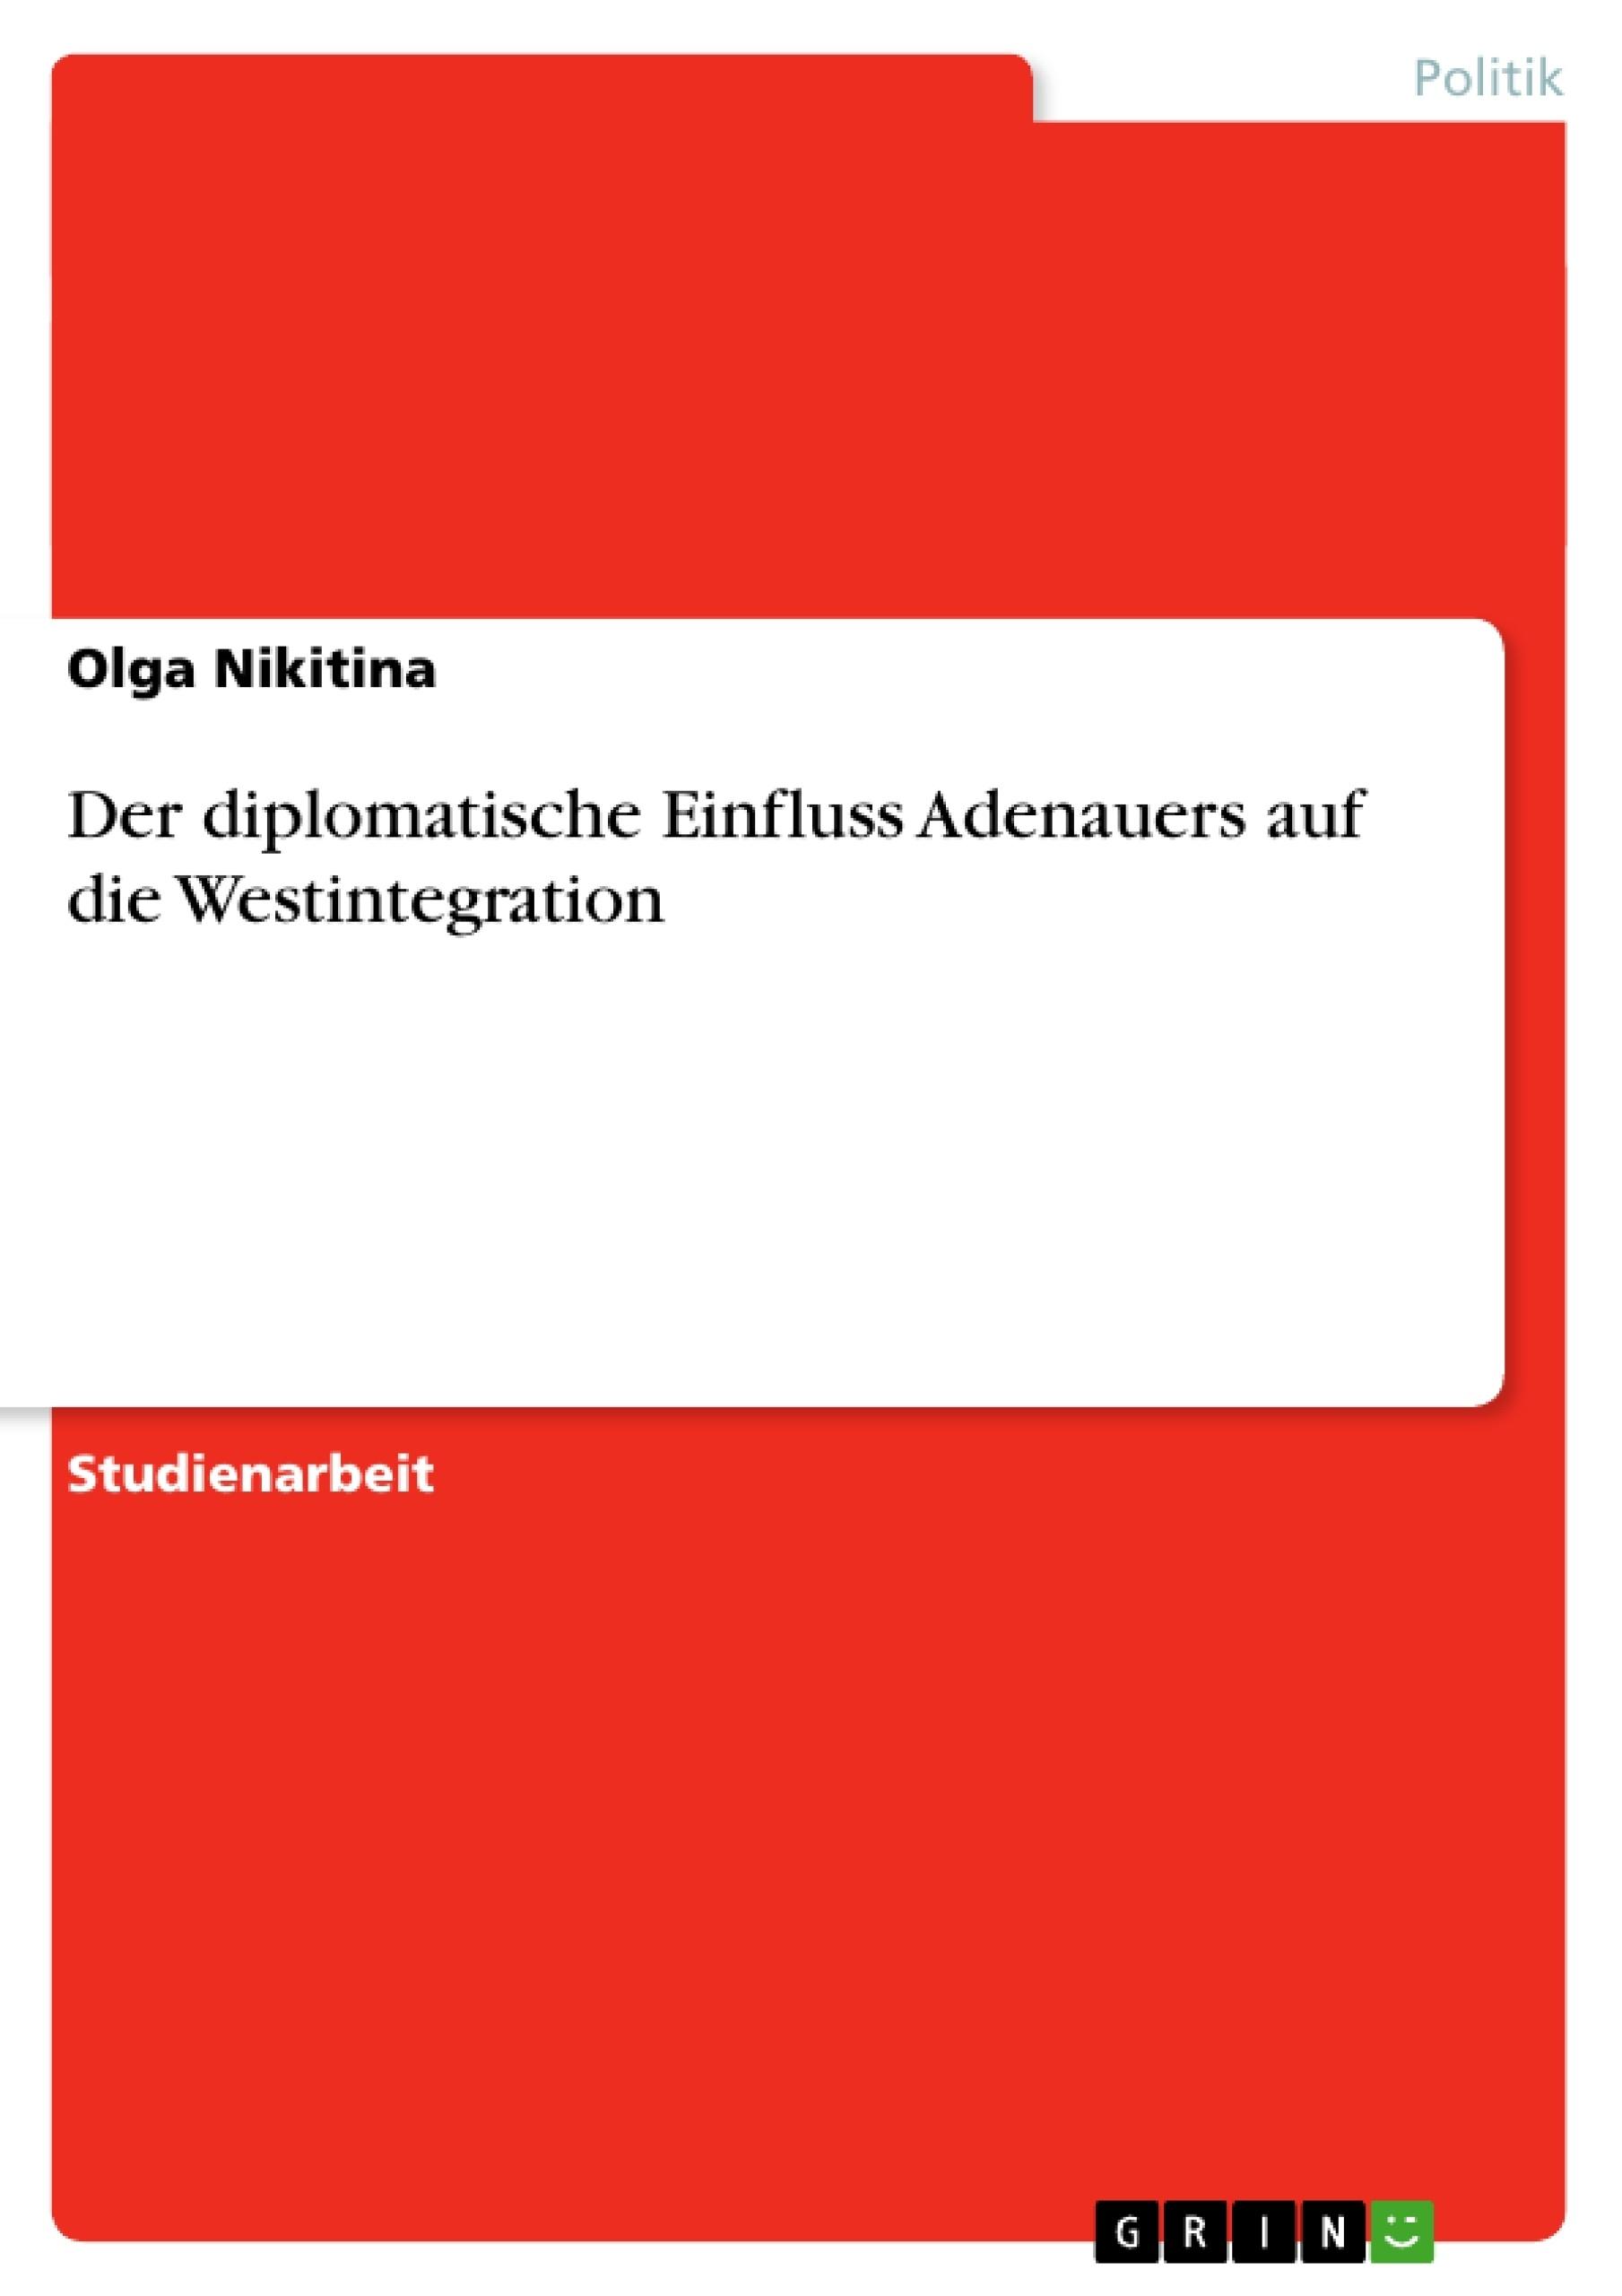 Titel: Der diplomatische Einfluss Adenauers auf die Westintegration